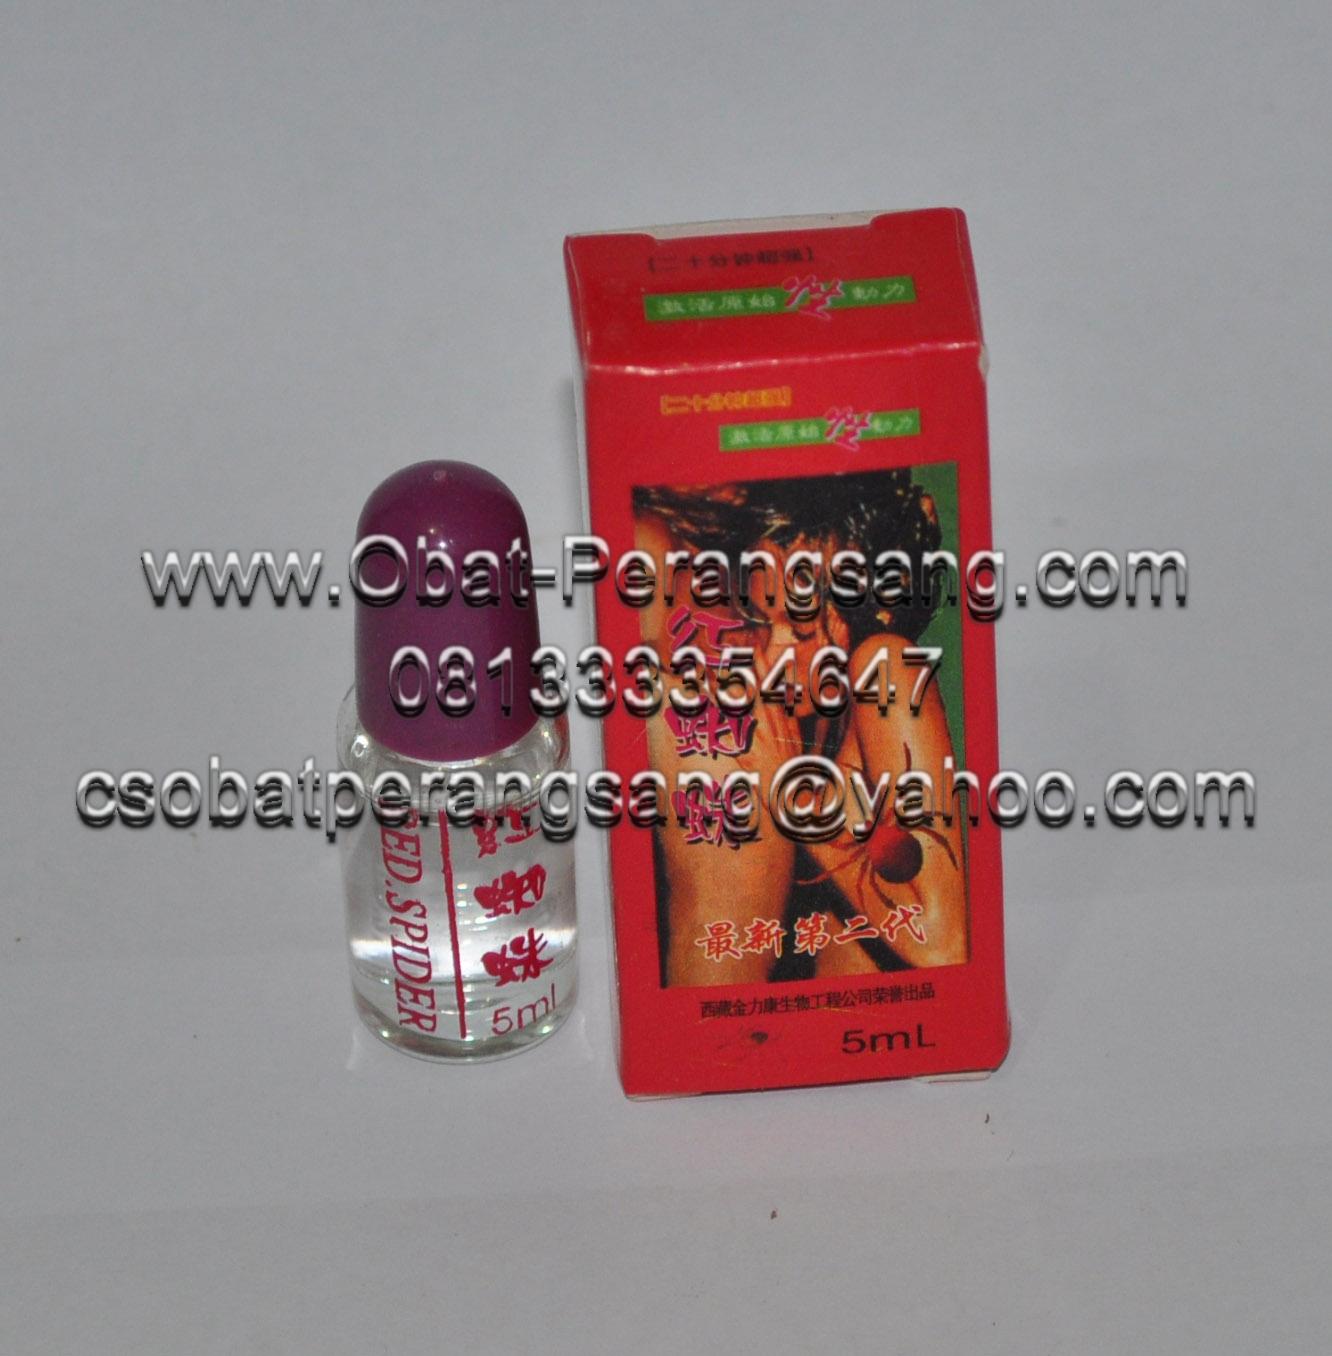 Nany Kosmetik: RED SPIDER, Ramuan Obat Perangsang Wanita